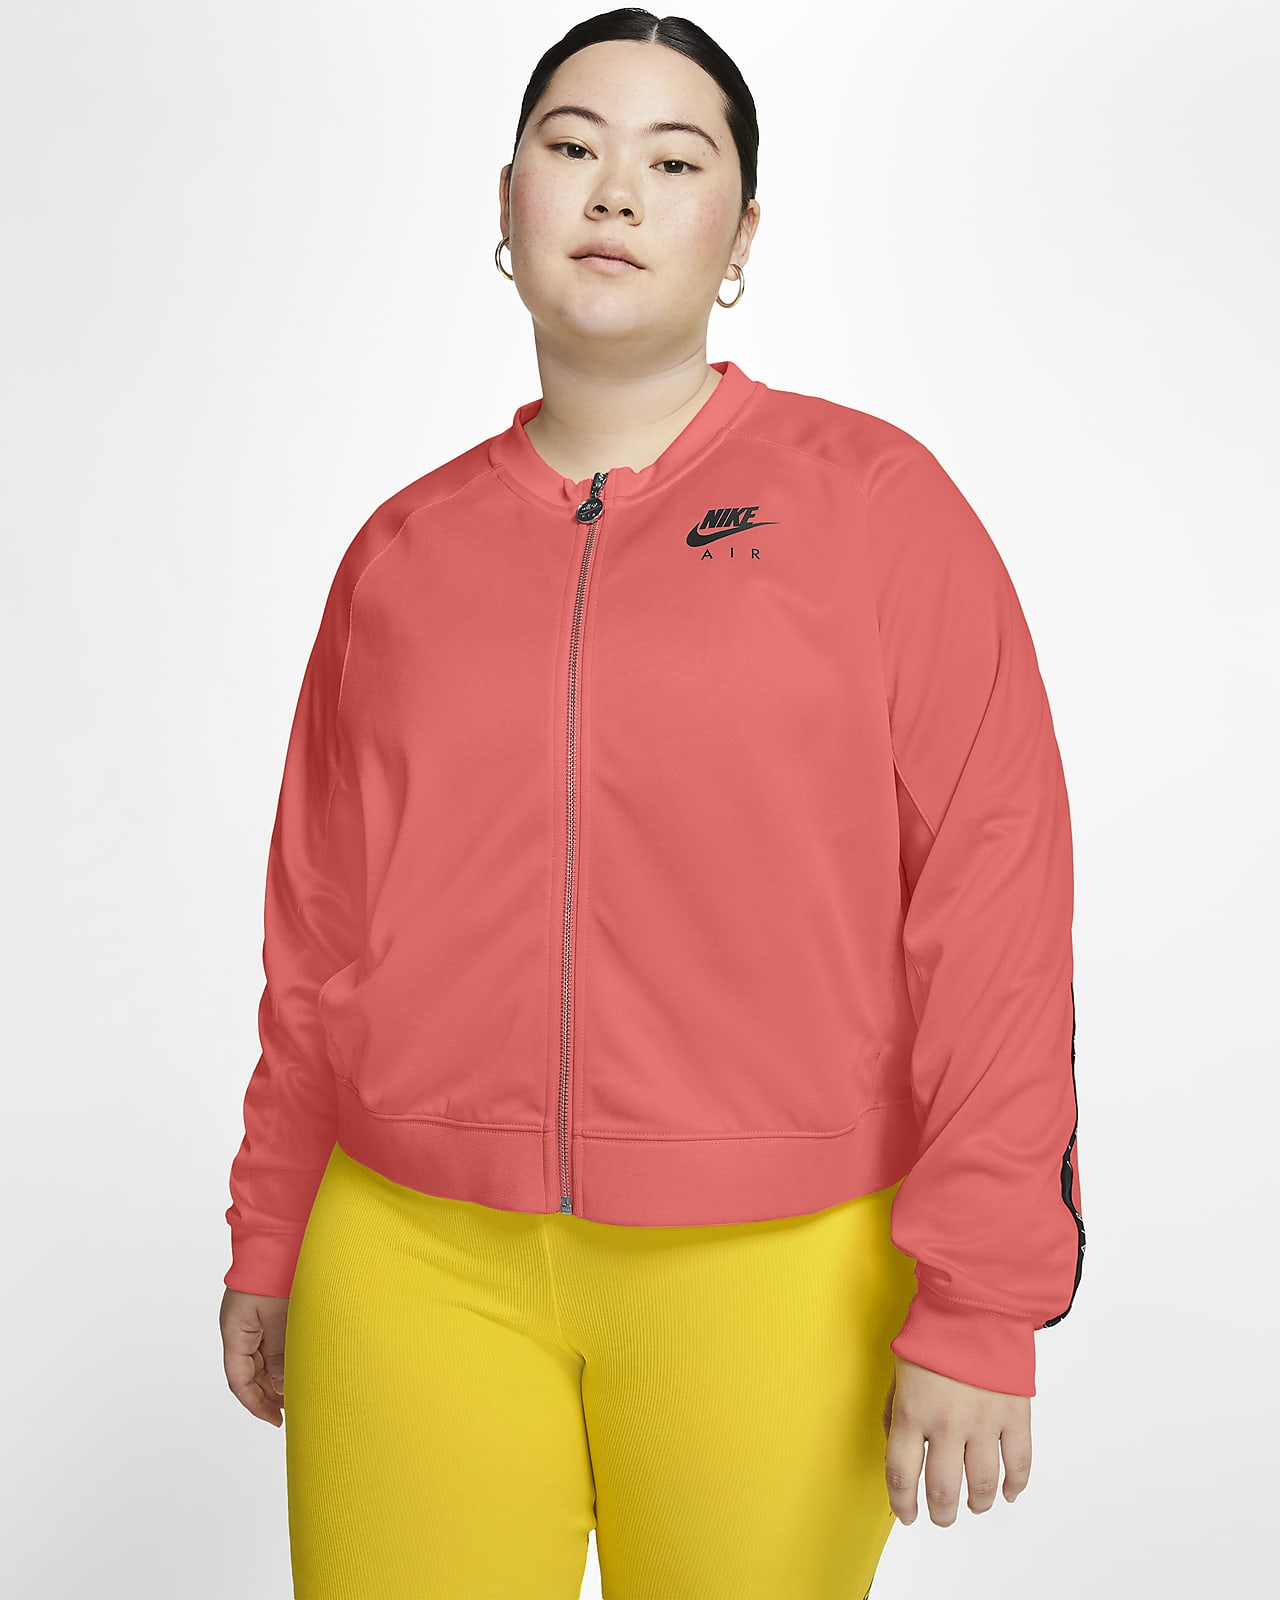 Veste Nike Air pour Femme (grande taille)